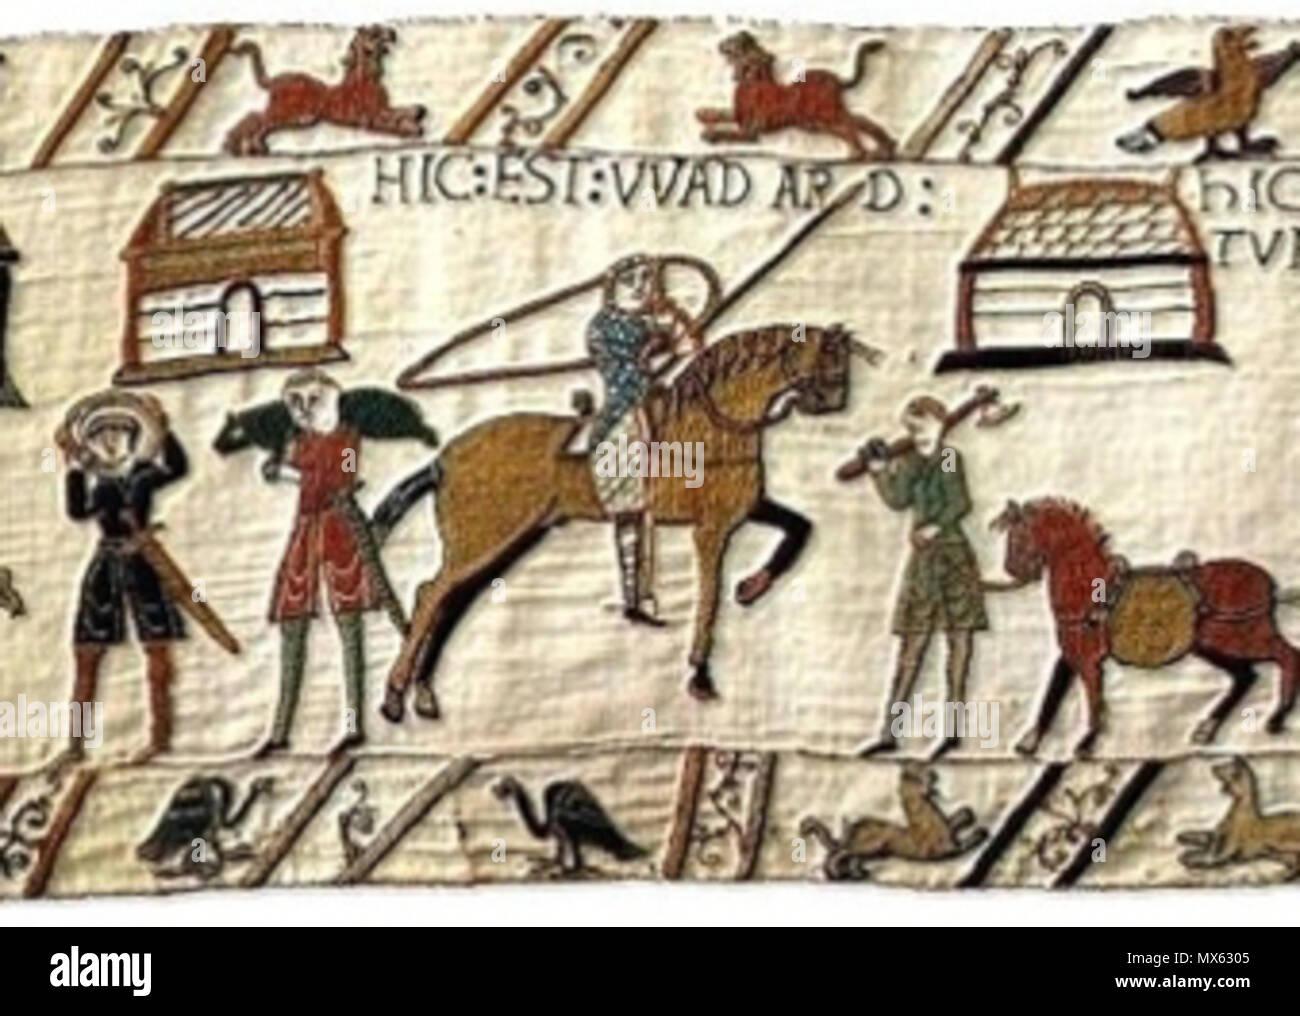 Français Le Chevalier Wadard Sur La Tapisserie De Bayeux Français Knight Wadard On Bayeux Tapestry 16